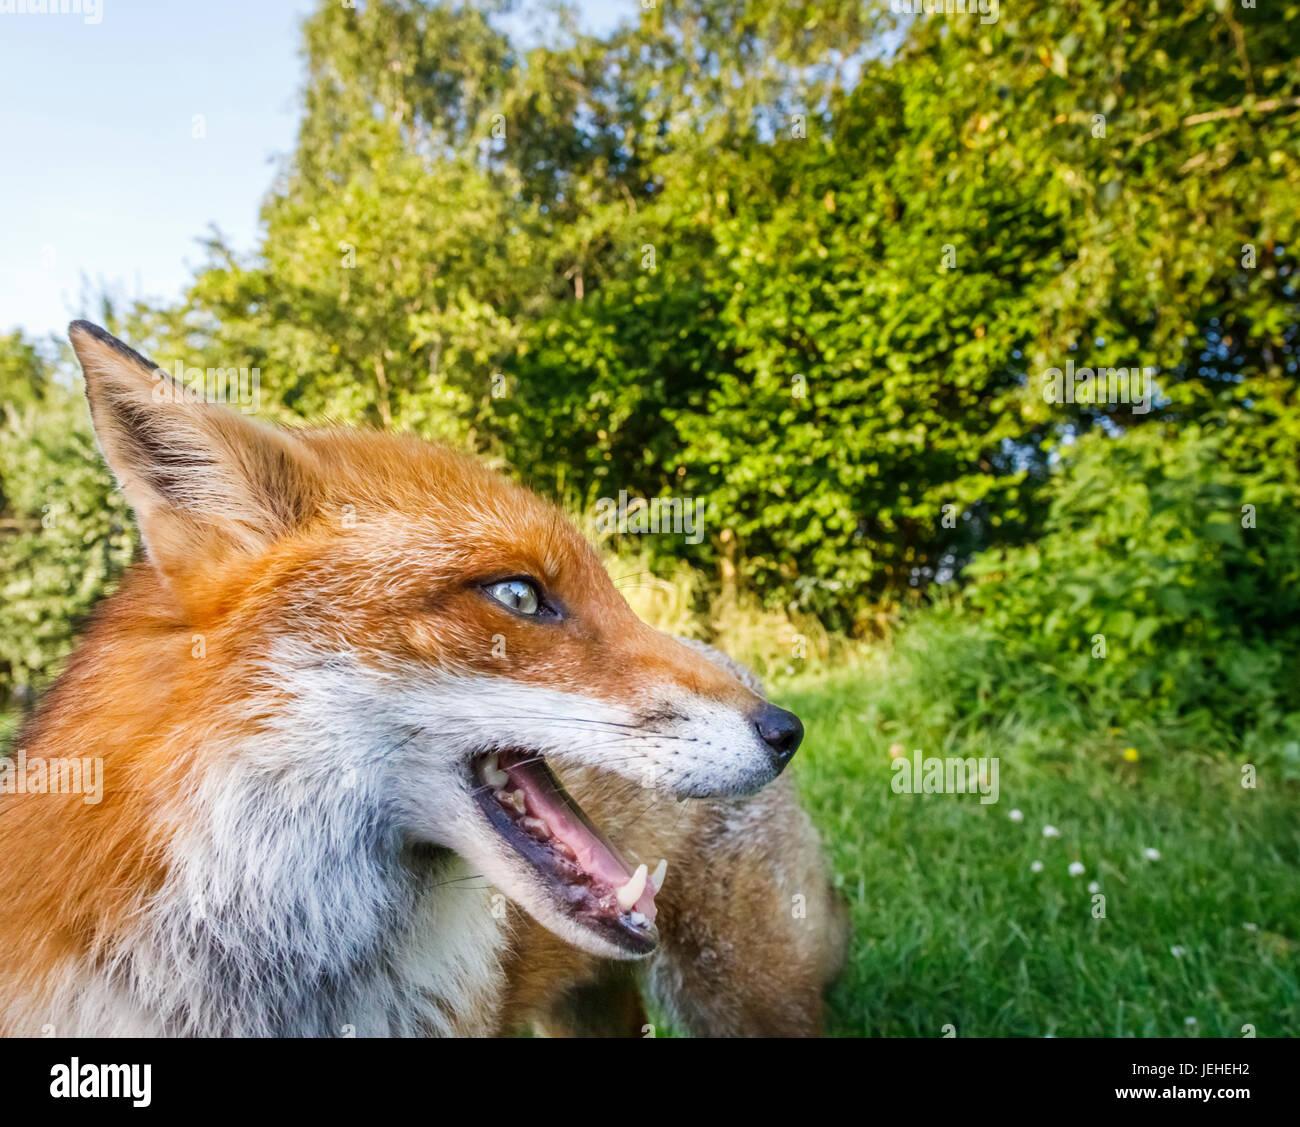 British wildlife: volpe (Vulpes vulpes), British Centro faunistico, Newchapel, Lingfield, Surrey, Regno Unito Immagini Stock